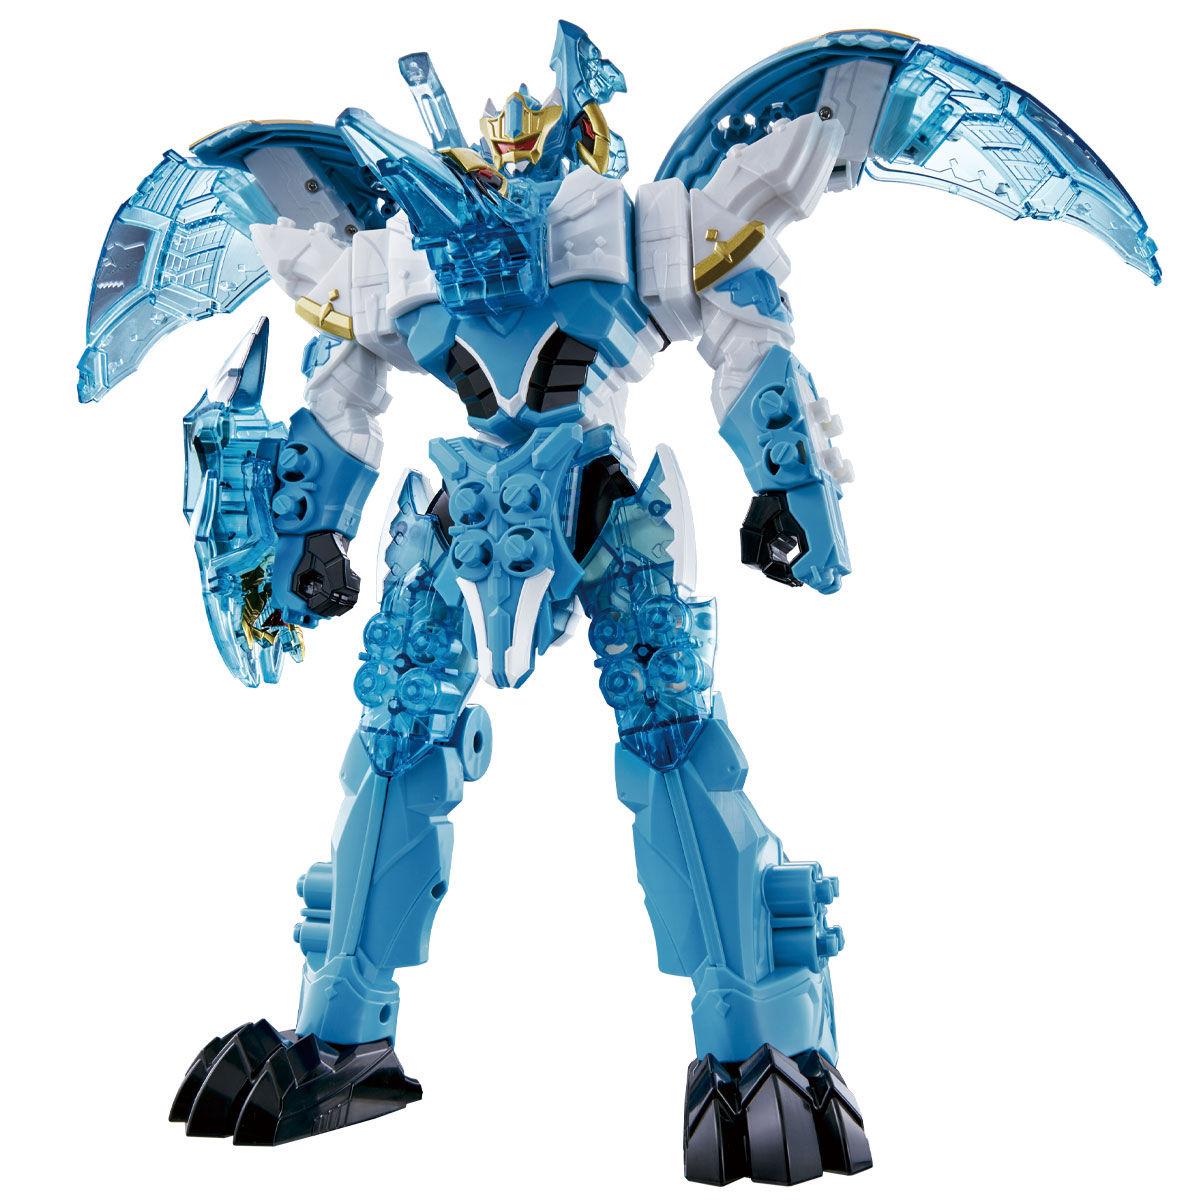 騎士竜戦隊リュウソウジャー『騎士竜シリーズ11 竜装変形 DXヨクリュウオー』可変可動フィギュア-001